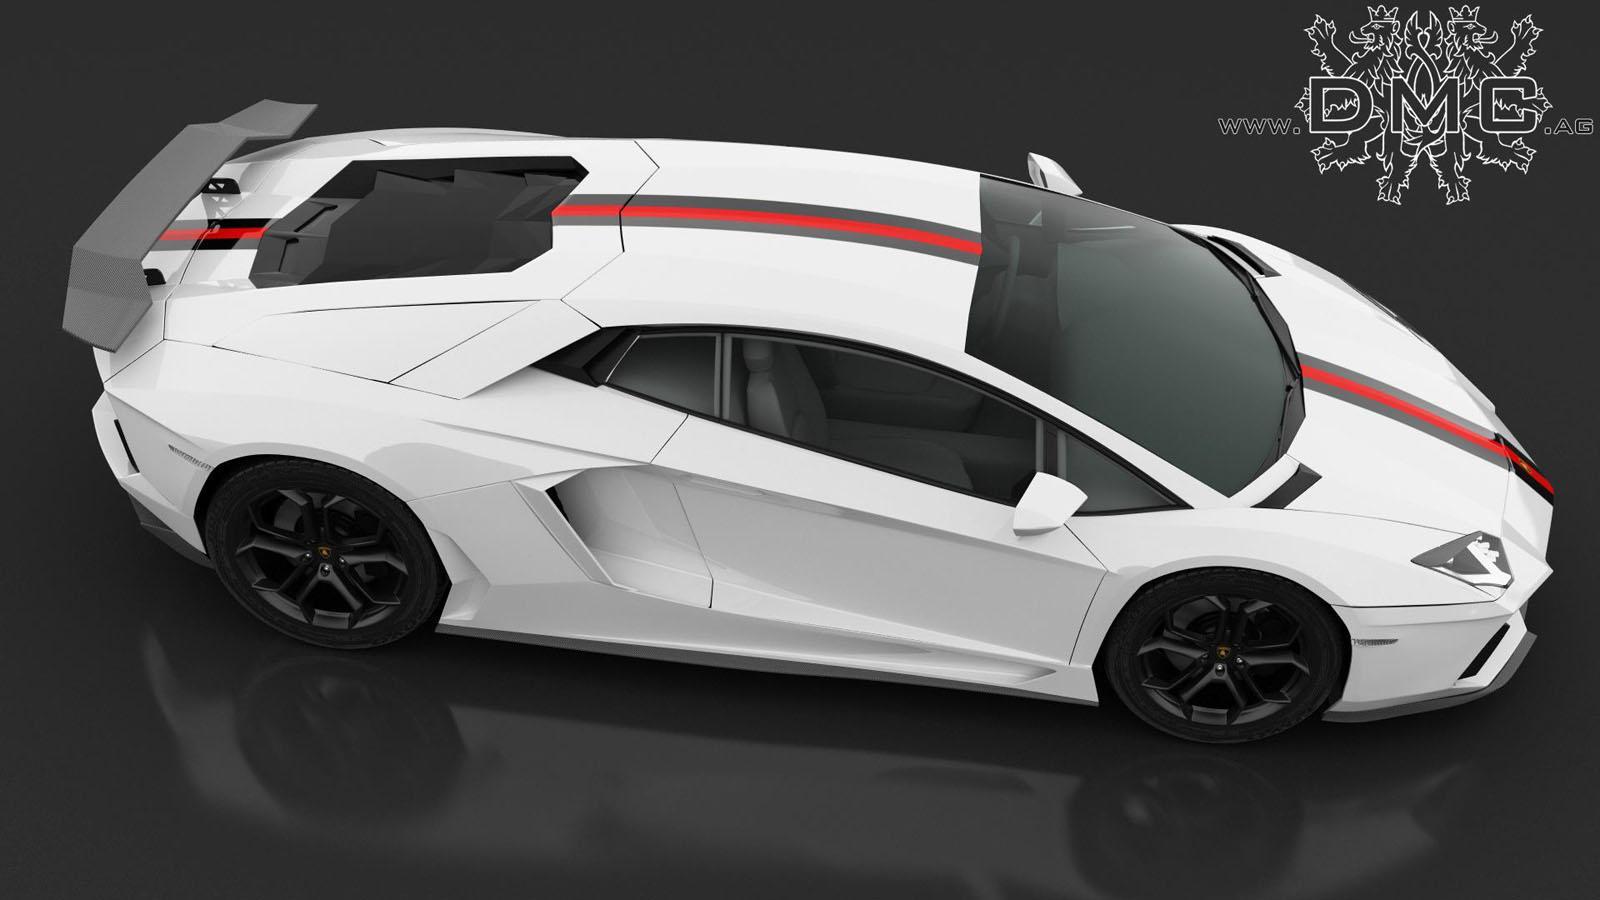 DMC Lamborghini Aventador Molto Veloce - фотография №2